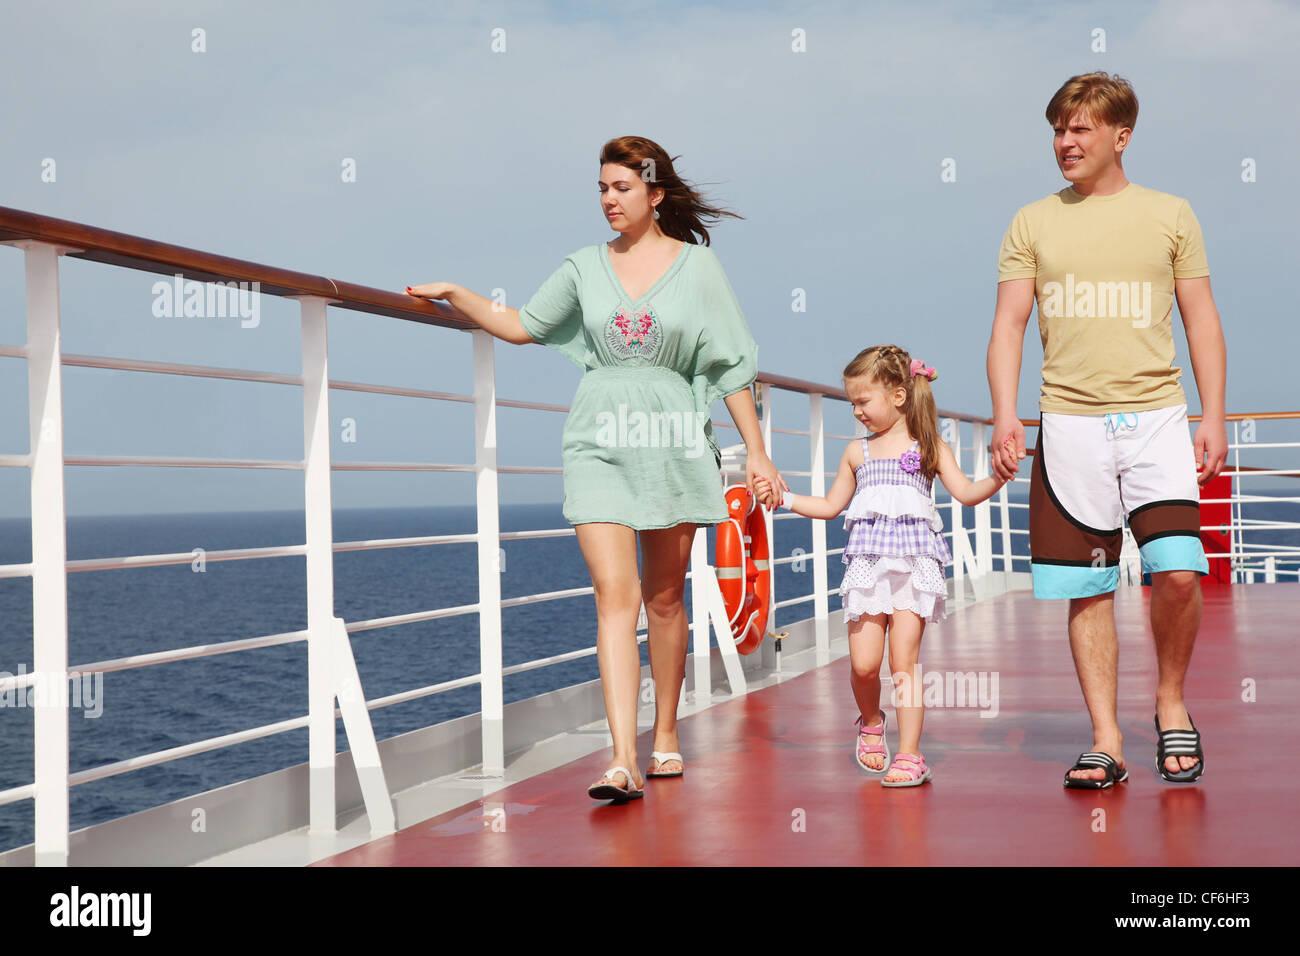 Familie mit Tochter gehen auf Cruise Liner Deck, Ganzkörper, auf der Suche nach links Stockbild